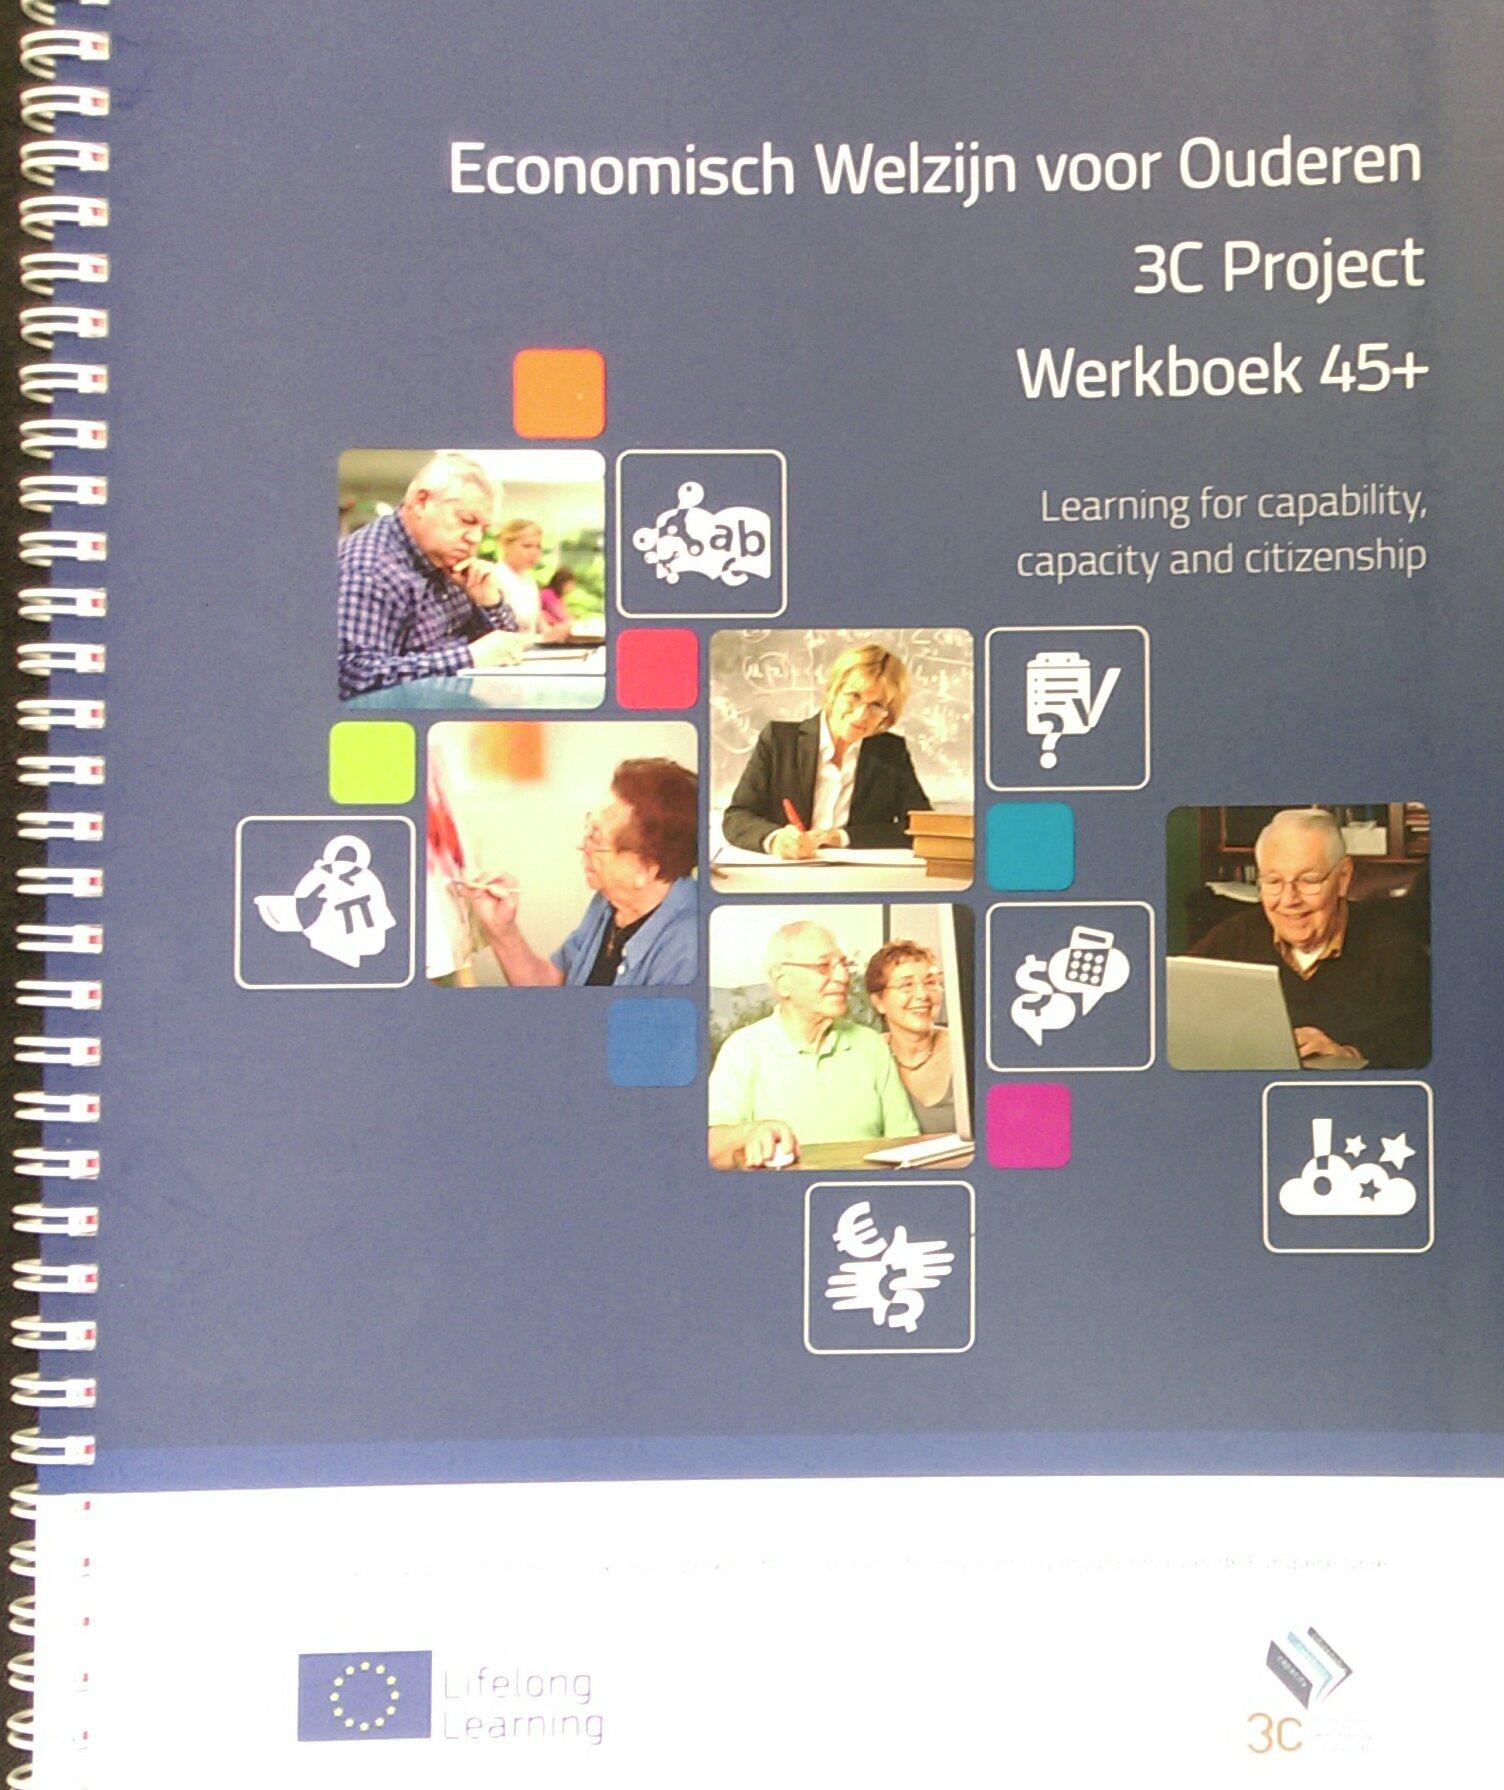 Werkboek 45+